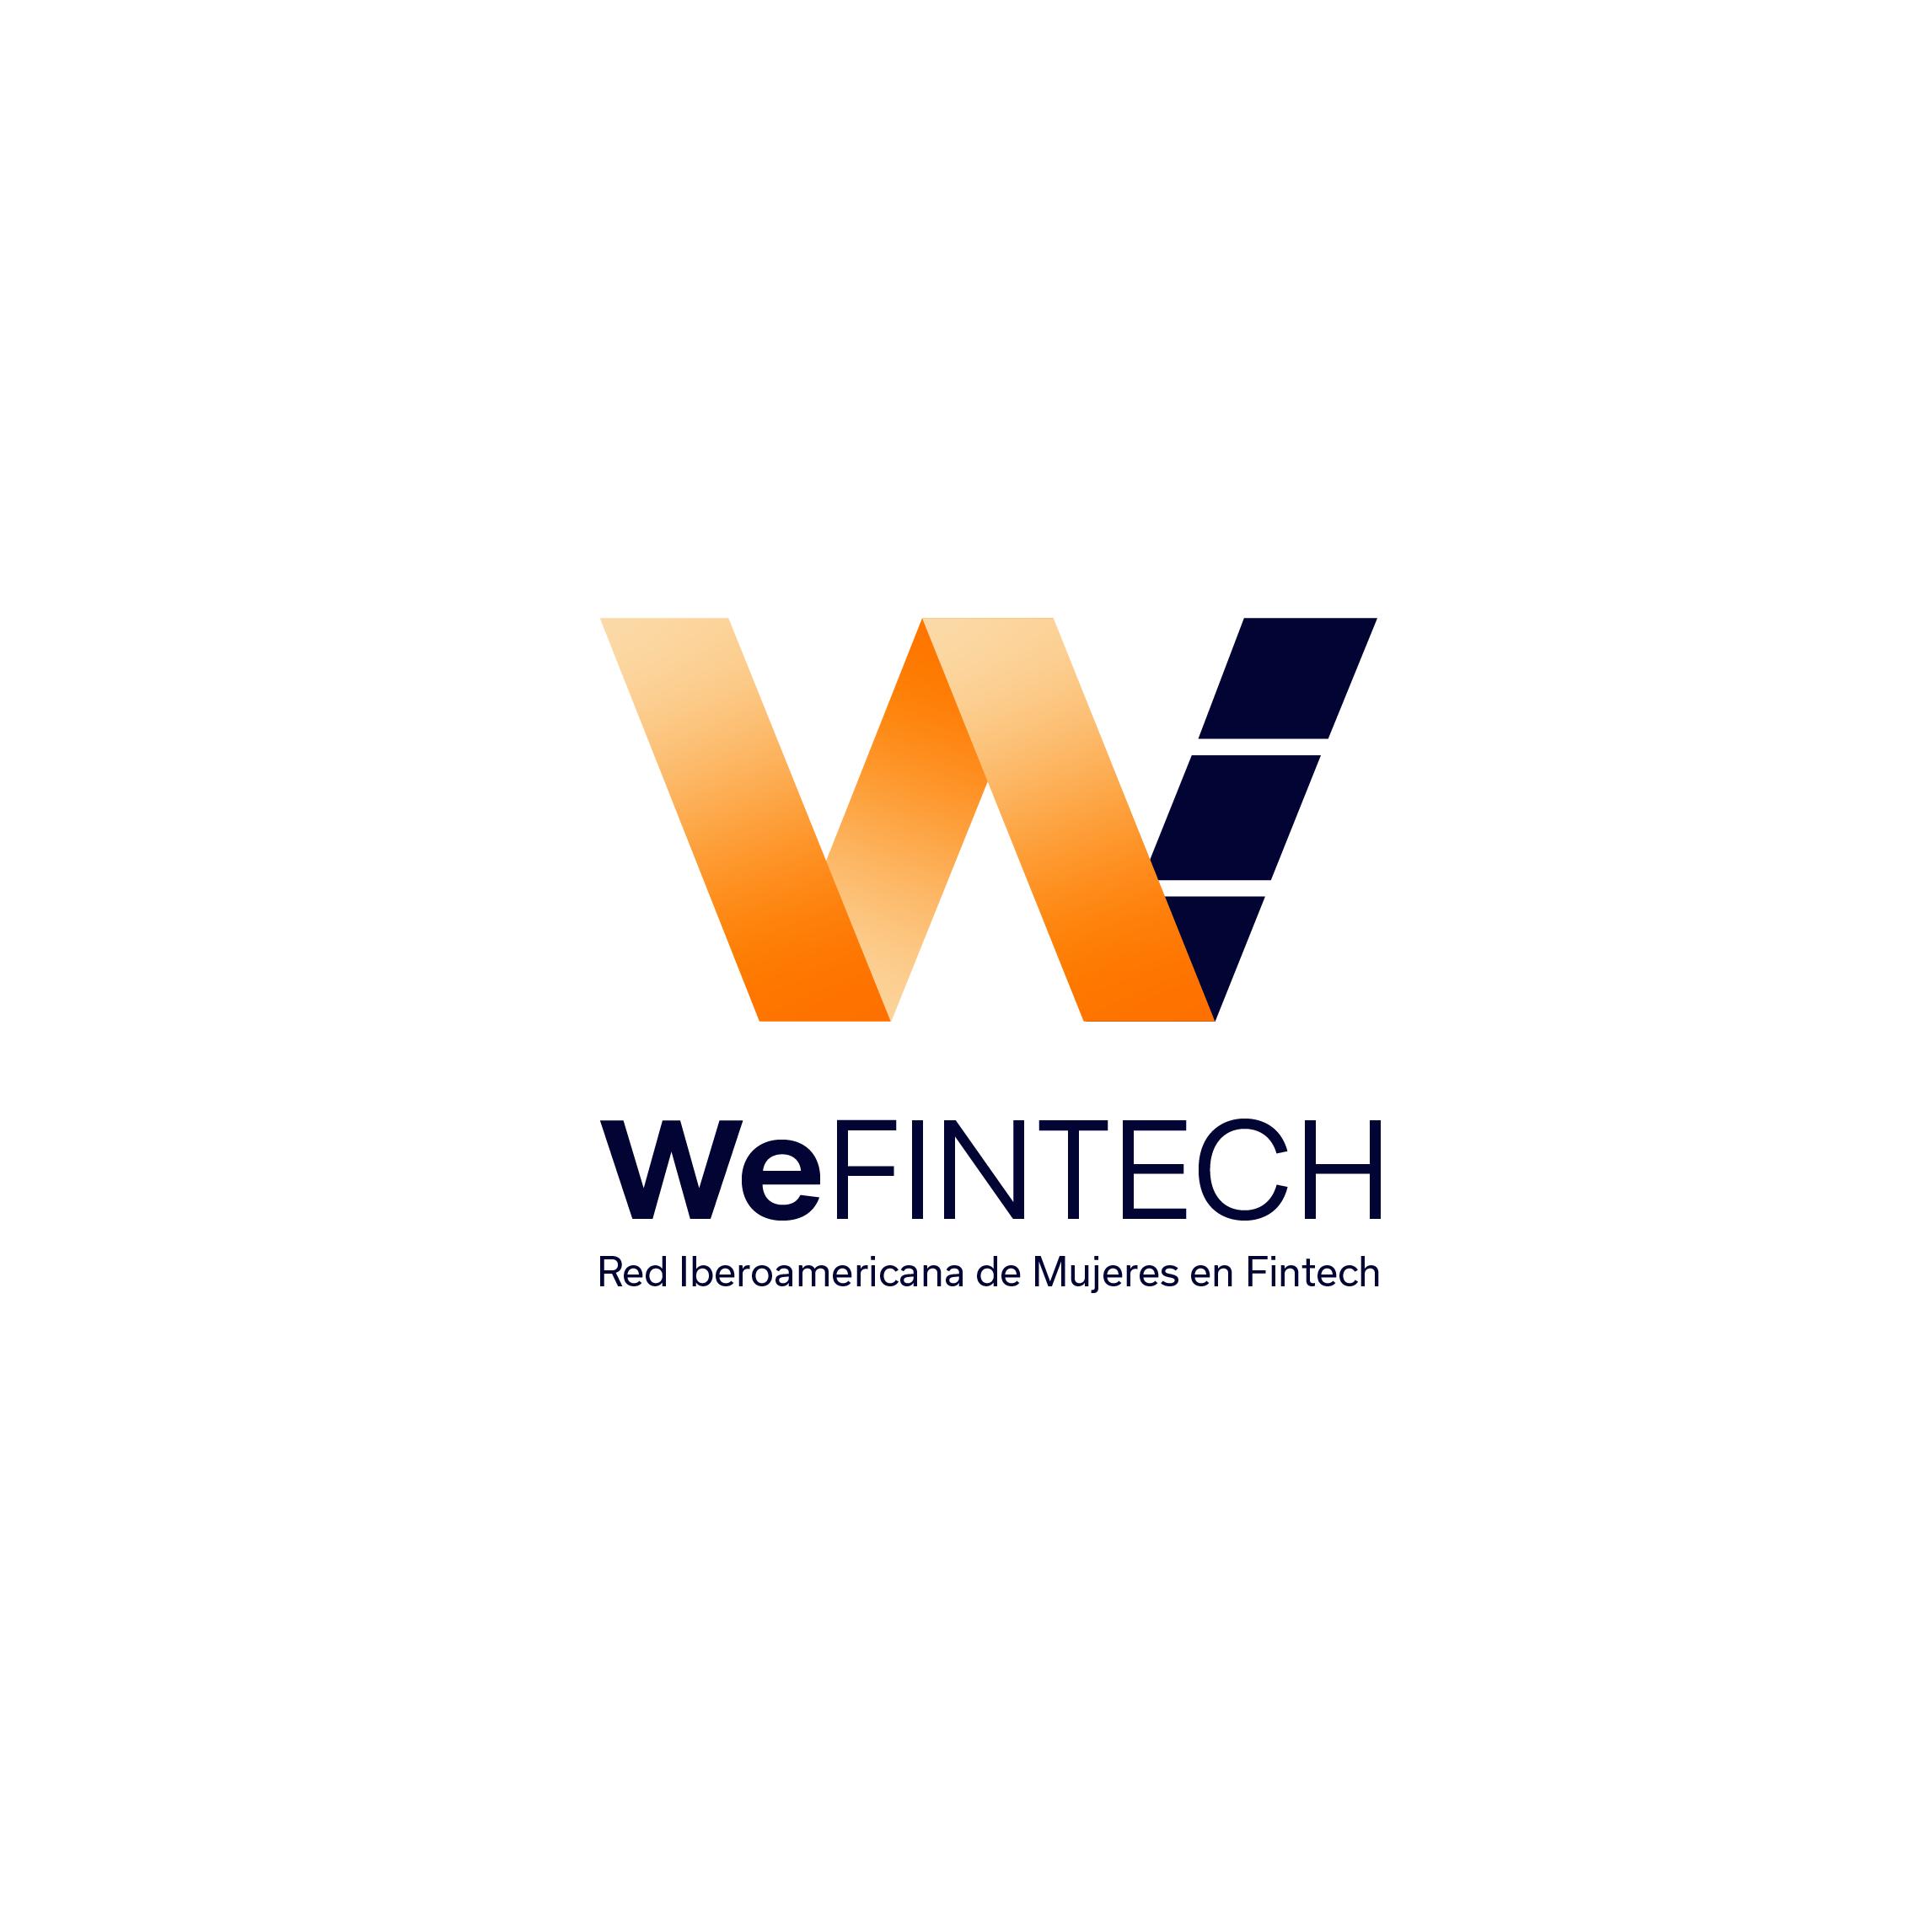 Logo Wefintech